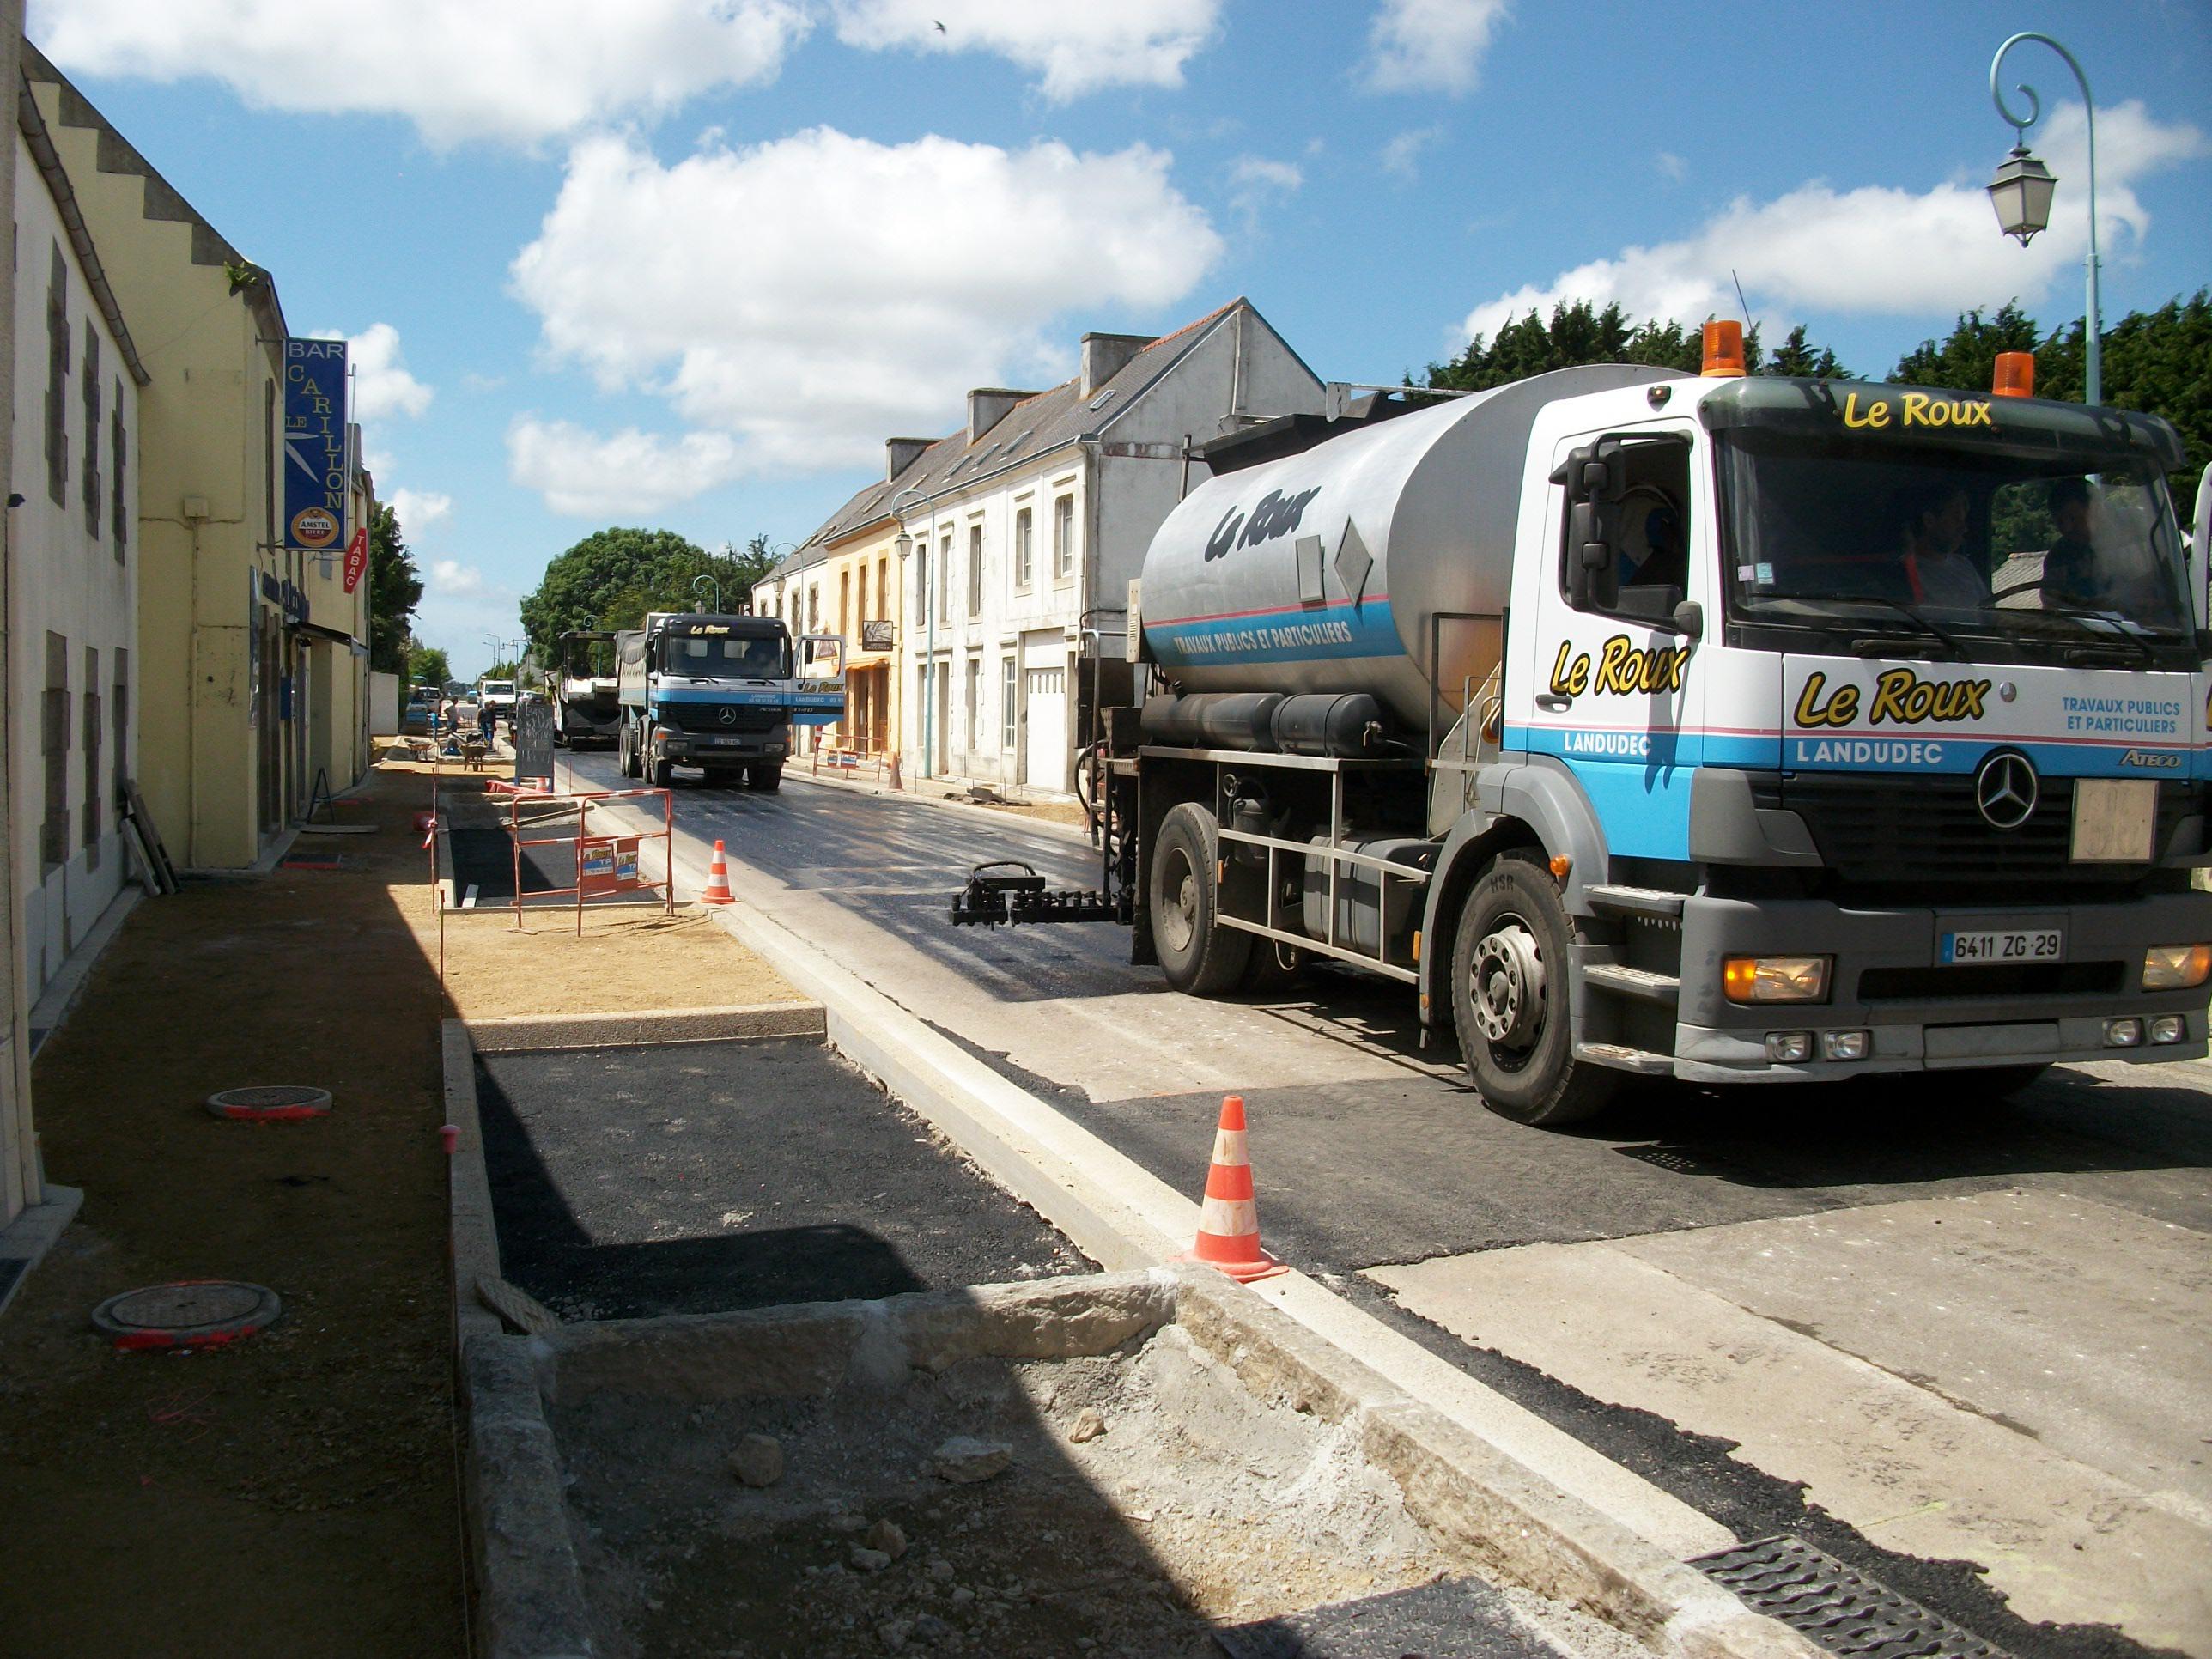 Le Roux TP - Travaux Publics - Voirie route - Voirie en centre ville - 2